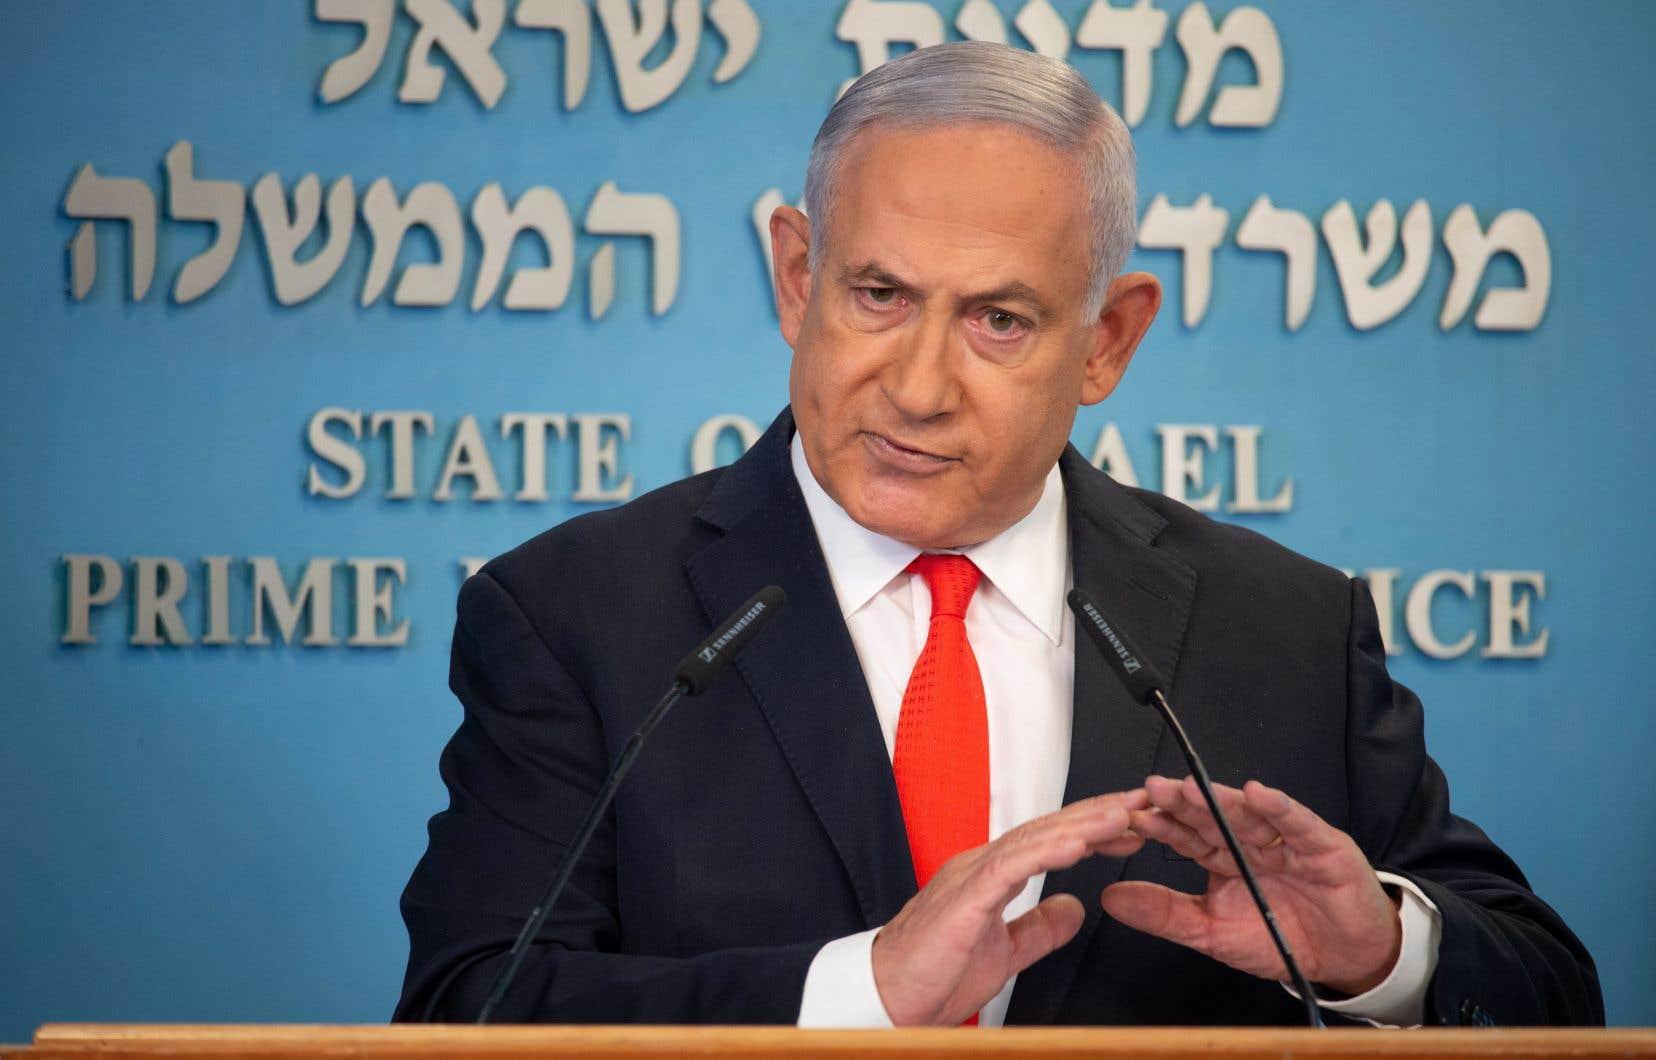 «Aujourd'hui, le gouvernement a décidé de mettre en œuvre un confinement strict de trois semaines avec l'option d'étendre cette mesure», a déclaré le premier ministre israélien, Benjamin Nétanyahou, lors d'une allocution télévisée.